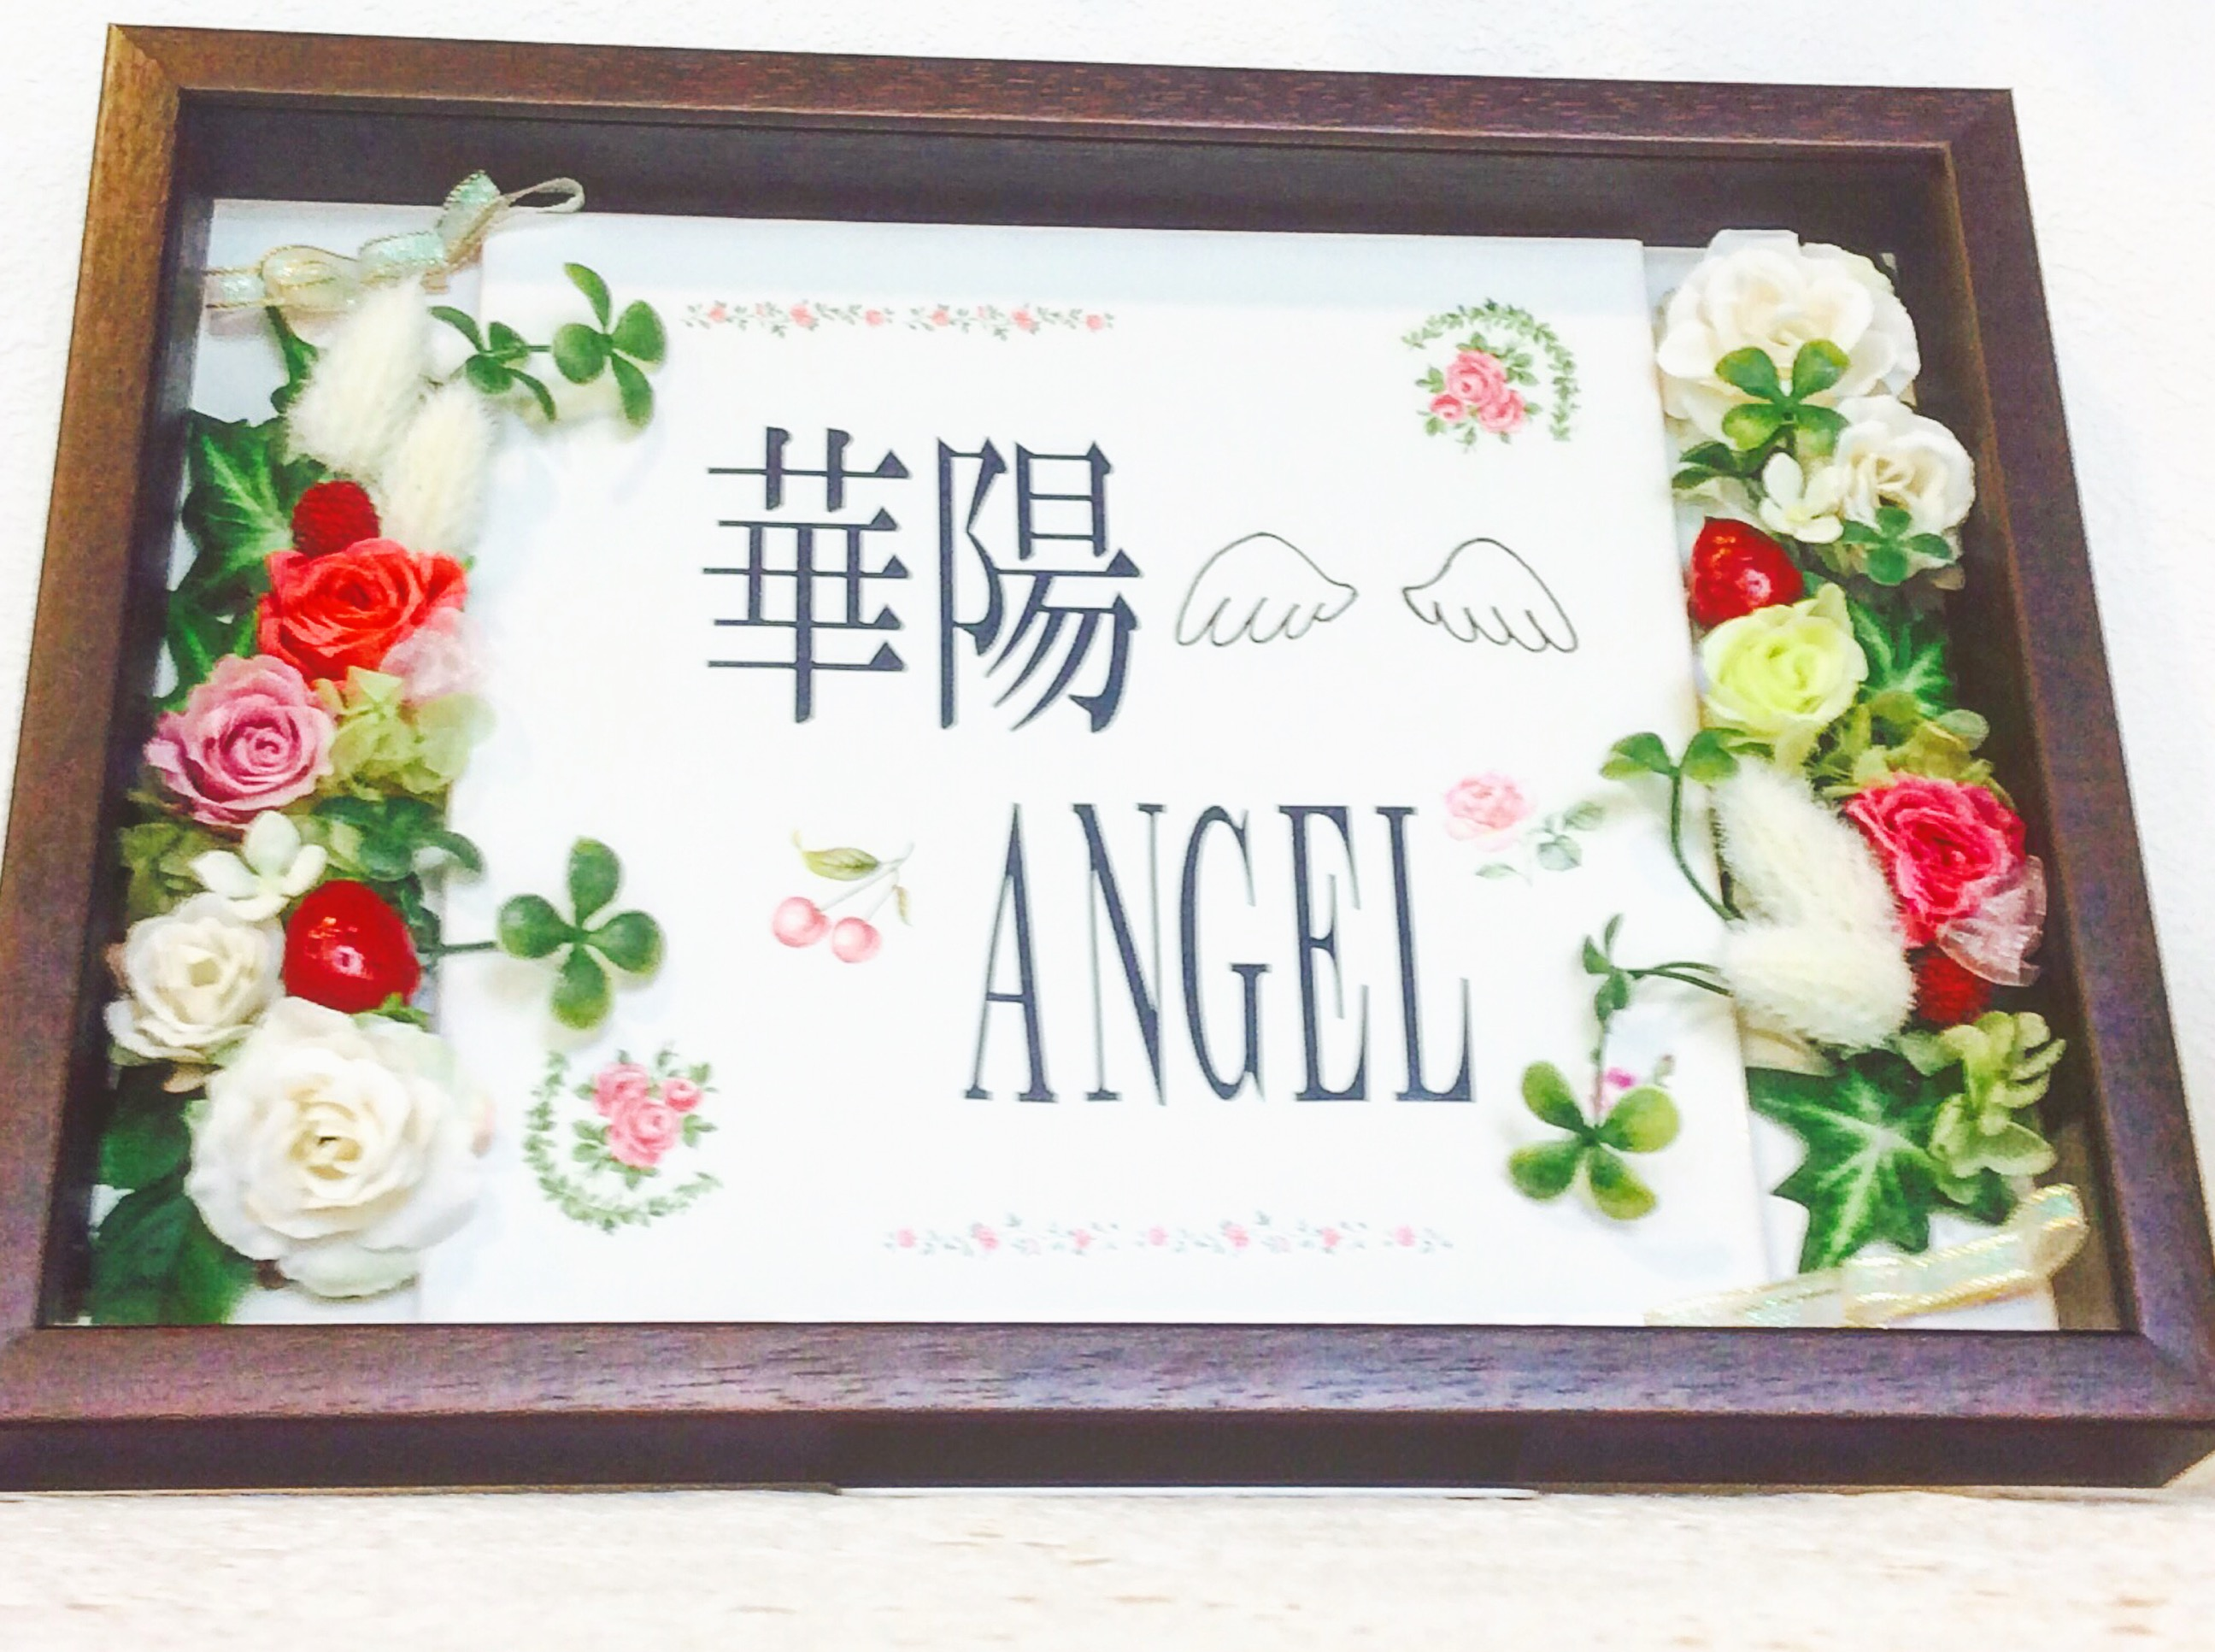 華陽angelの名前について